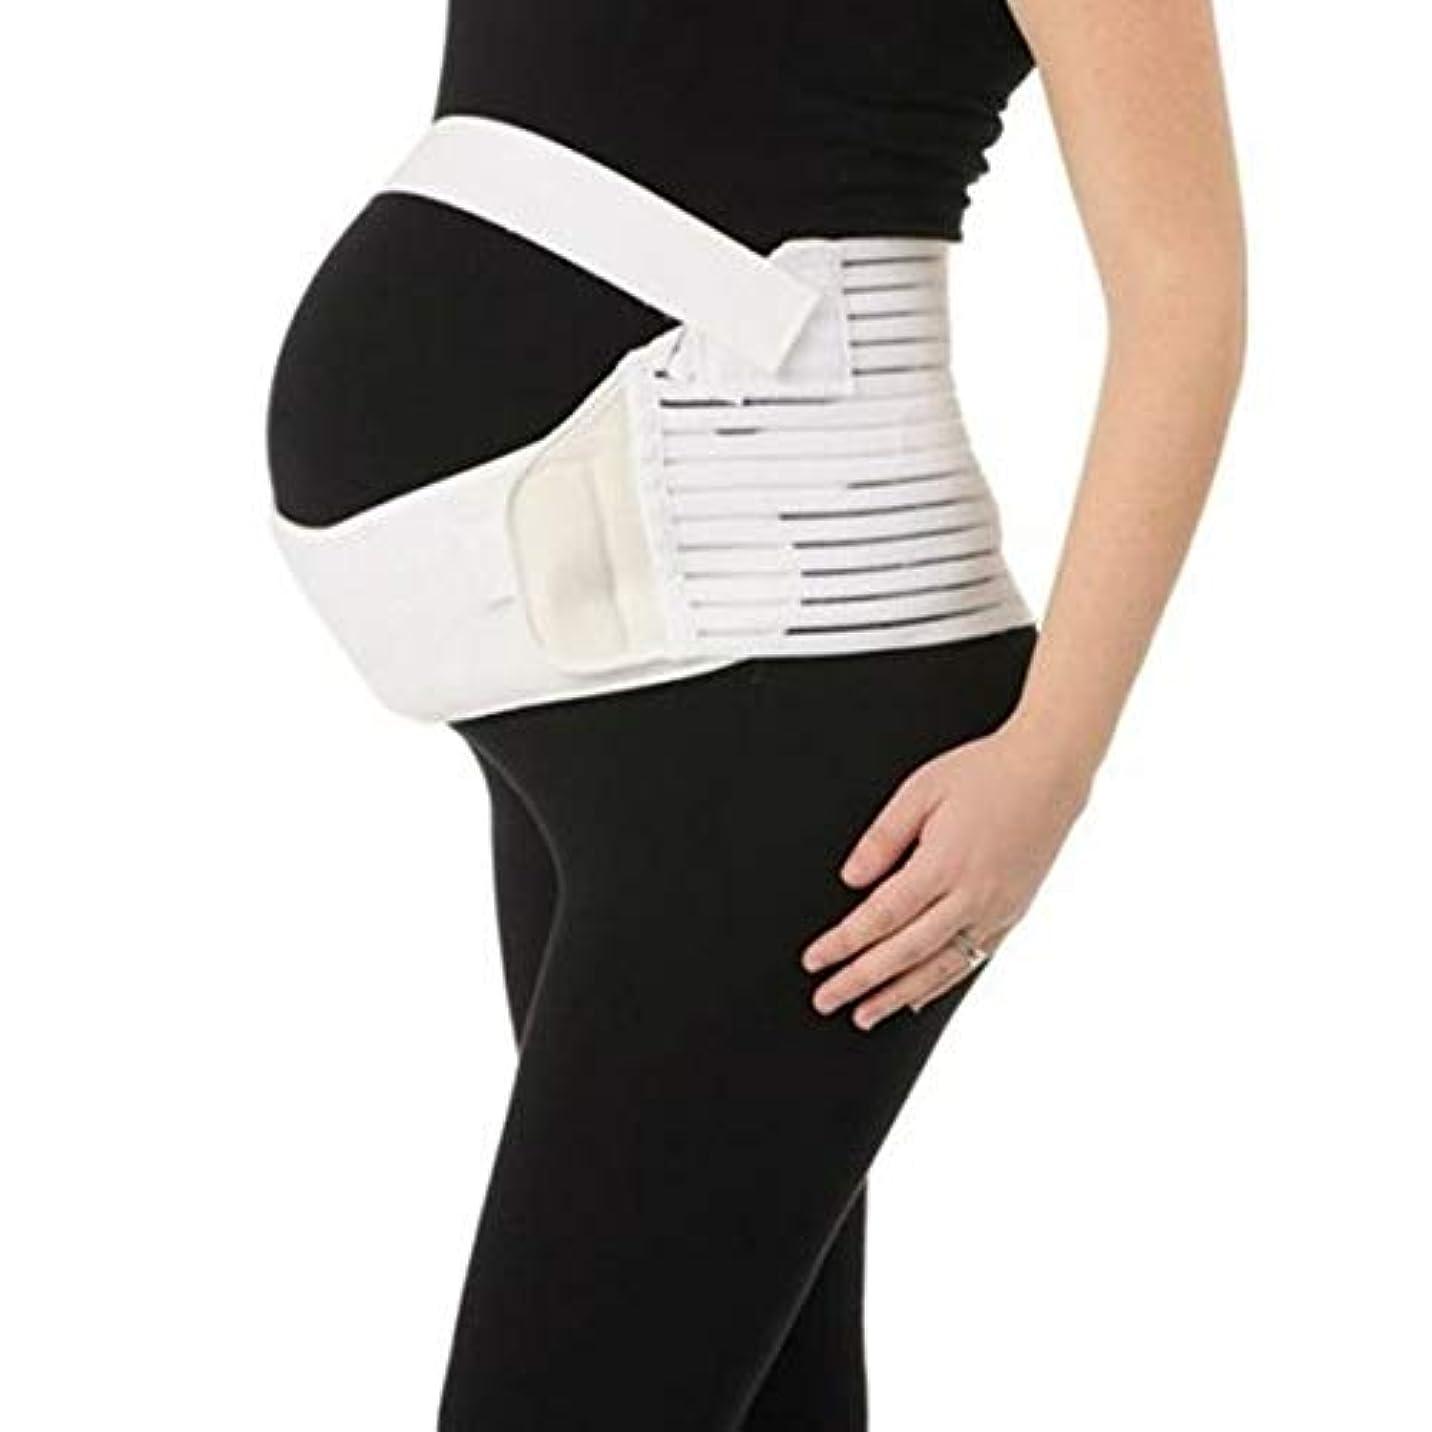 お母さんリンケージ名誉通気性産科ベルト妊娠腹部サポート腹部バインダーガードル運動包帯産後の回復形状ウェア - ホワイトM